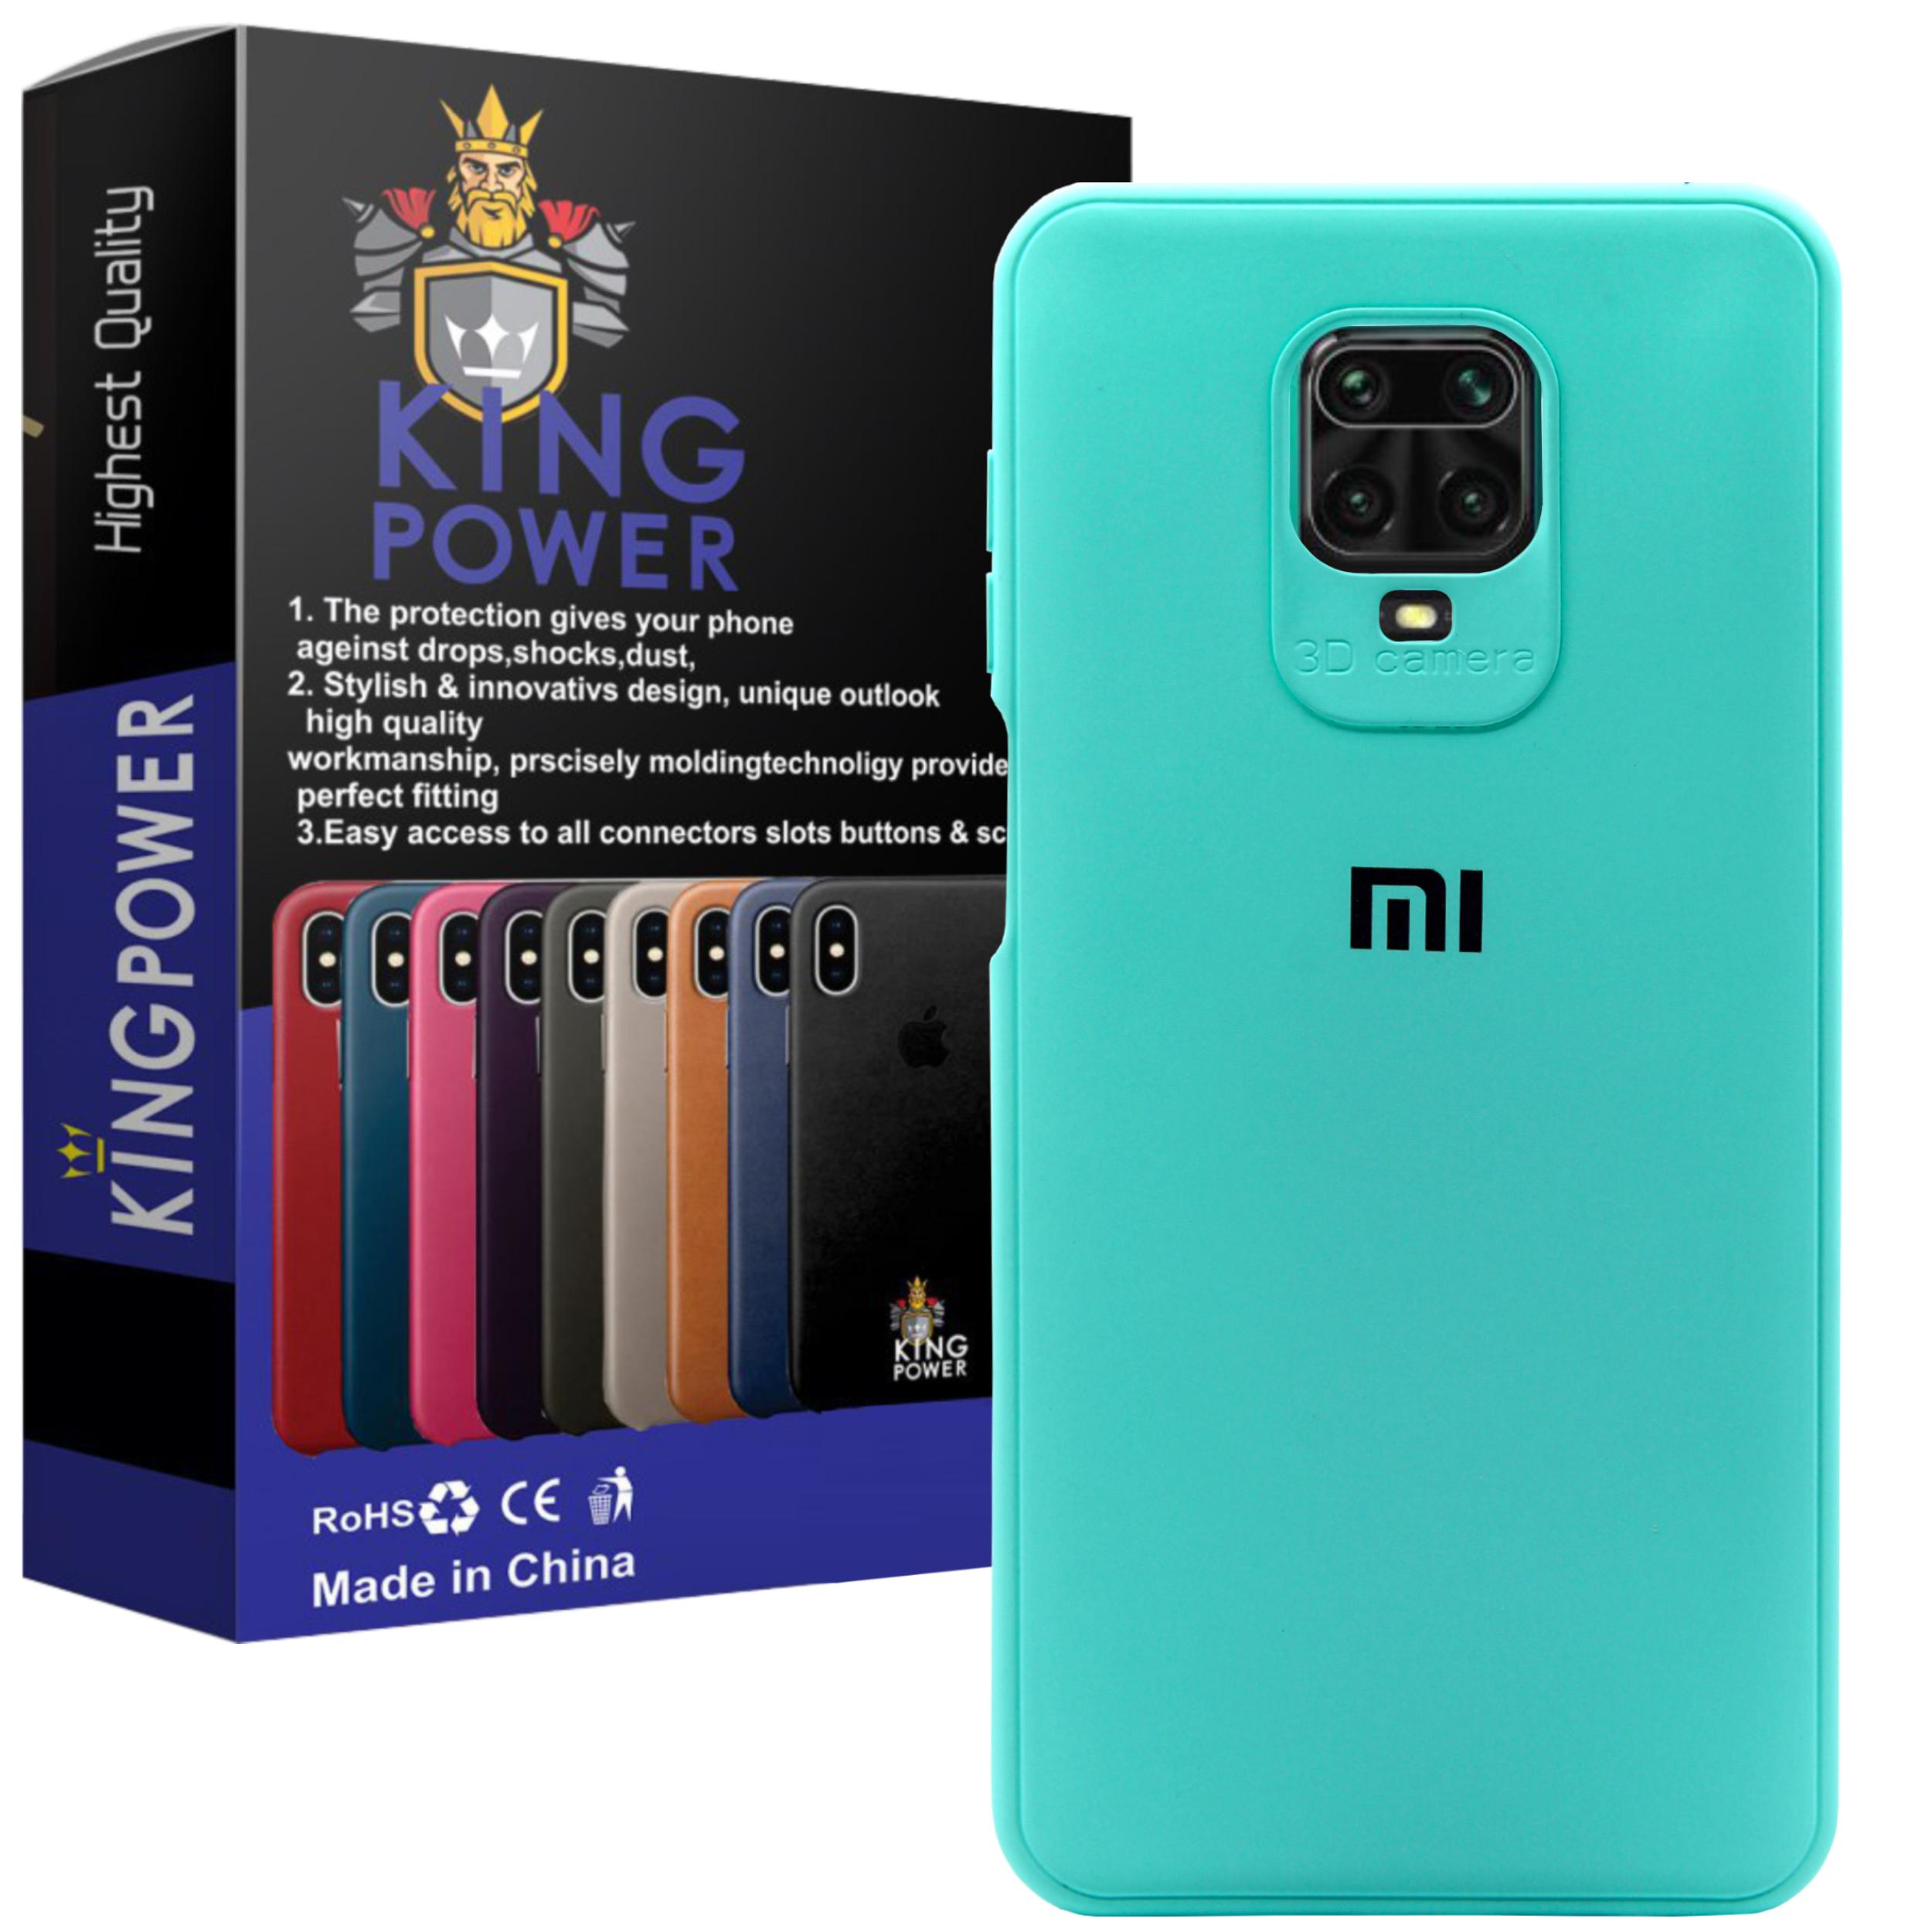 کاور کینگ پاور مدل SL21 مناسب برای گوشی موبایل شیائومی Redmi Note 9S / Note 9 Pro / Note 9 Pro Max                     غیر اصل